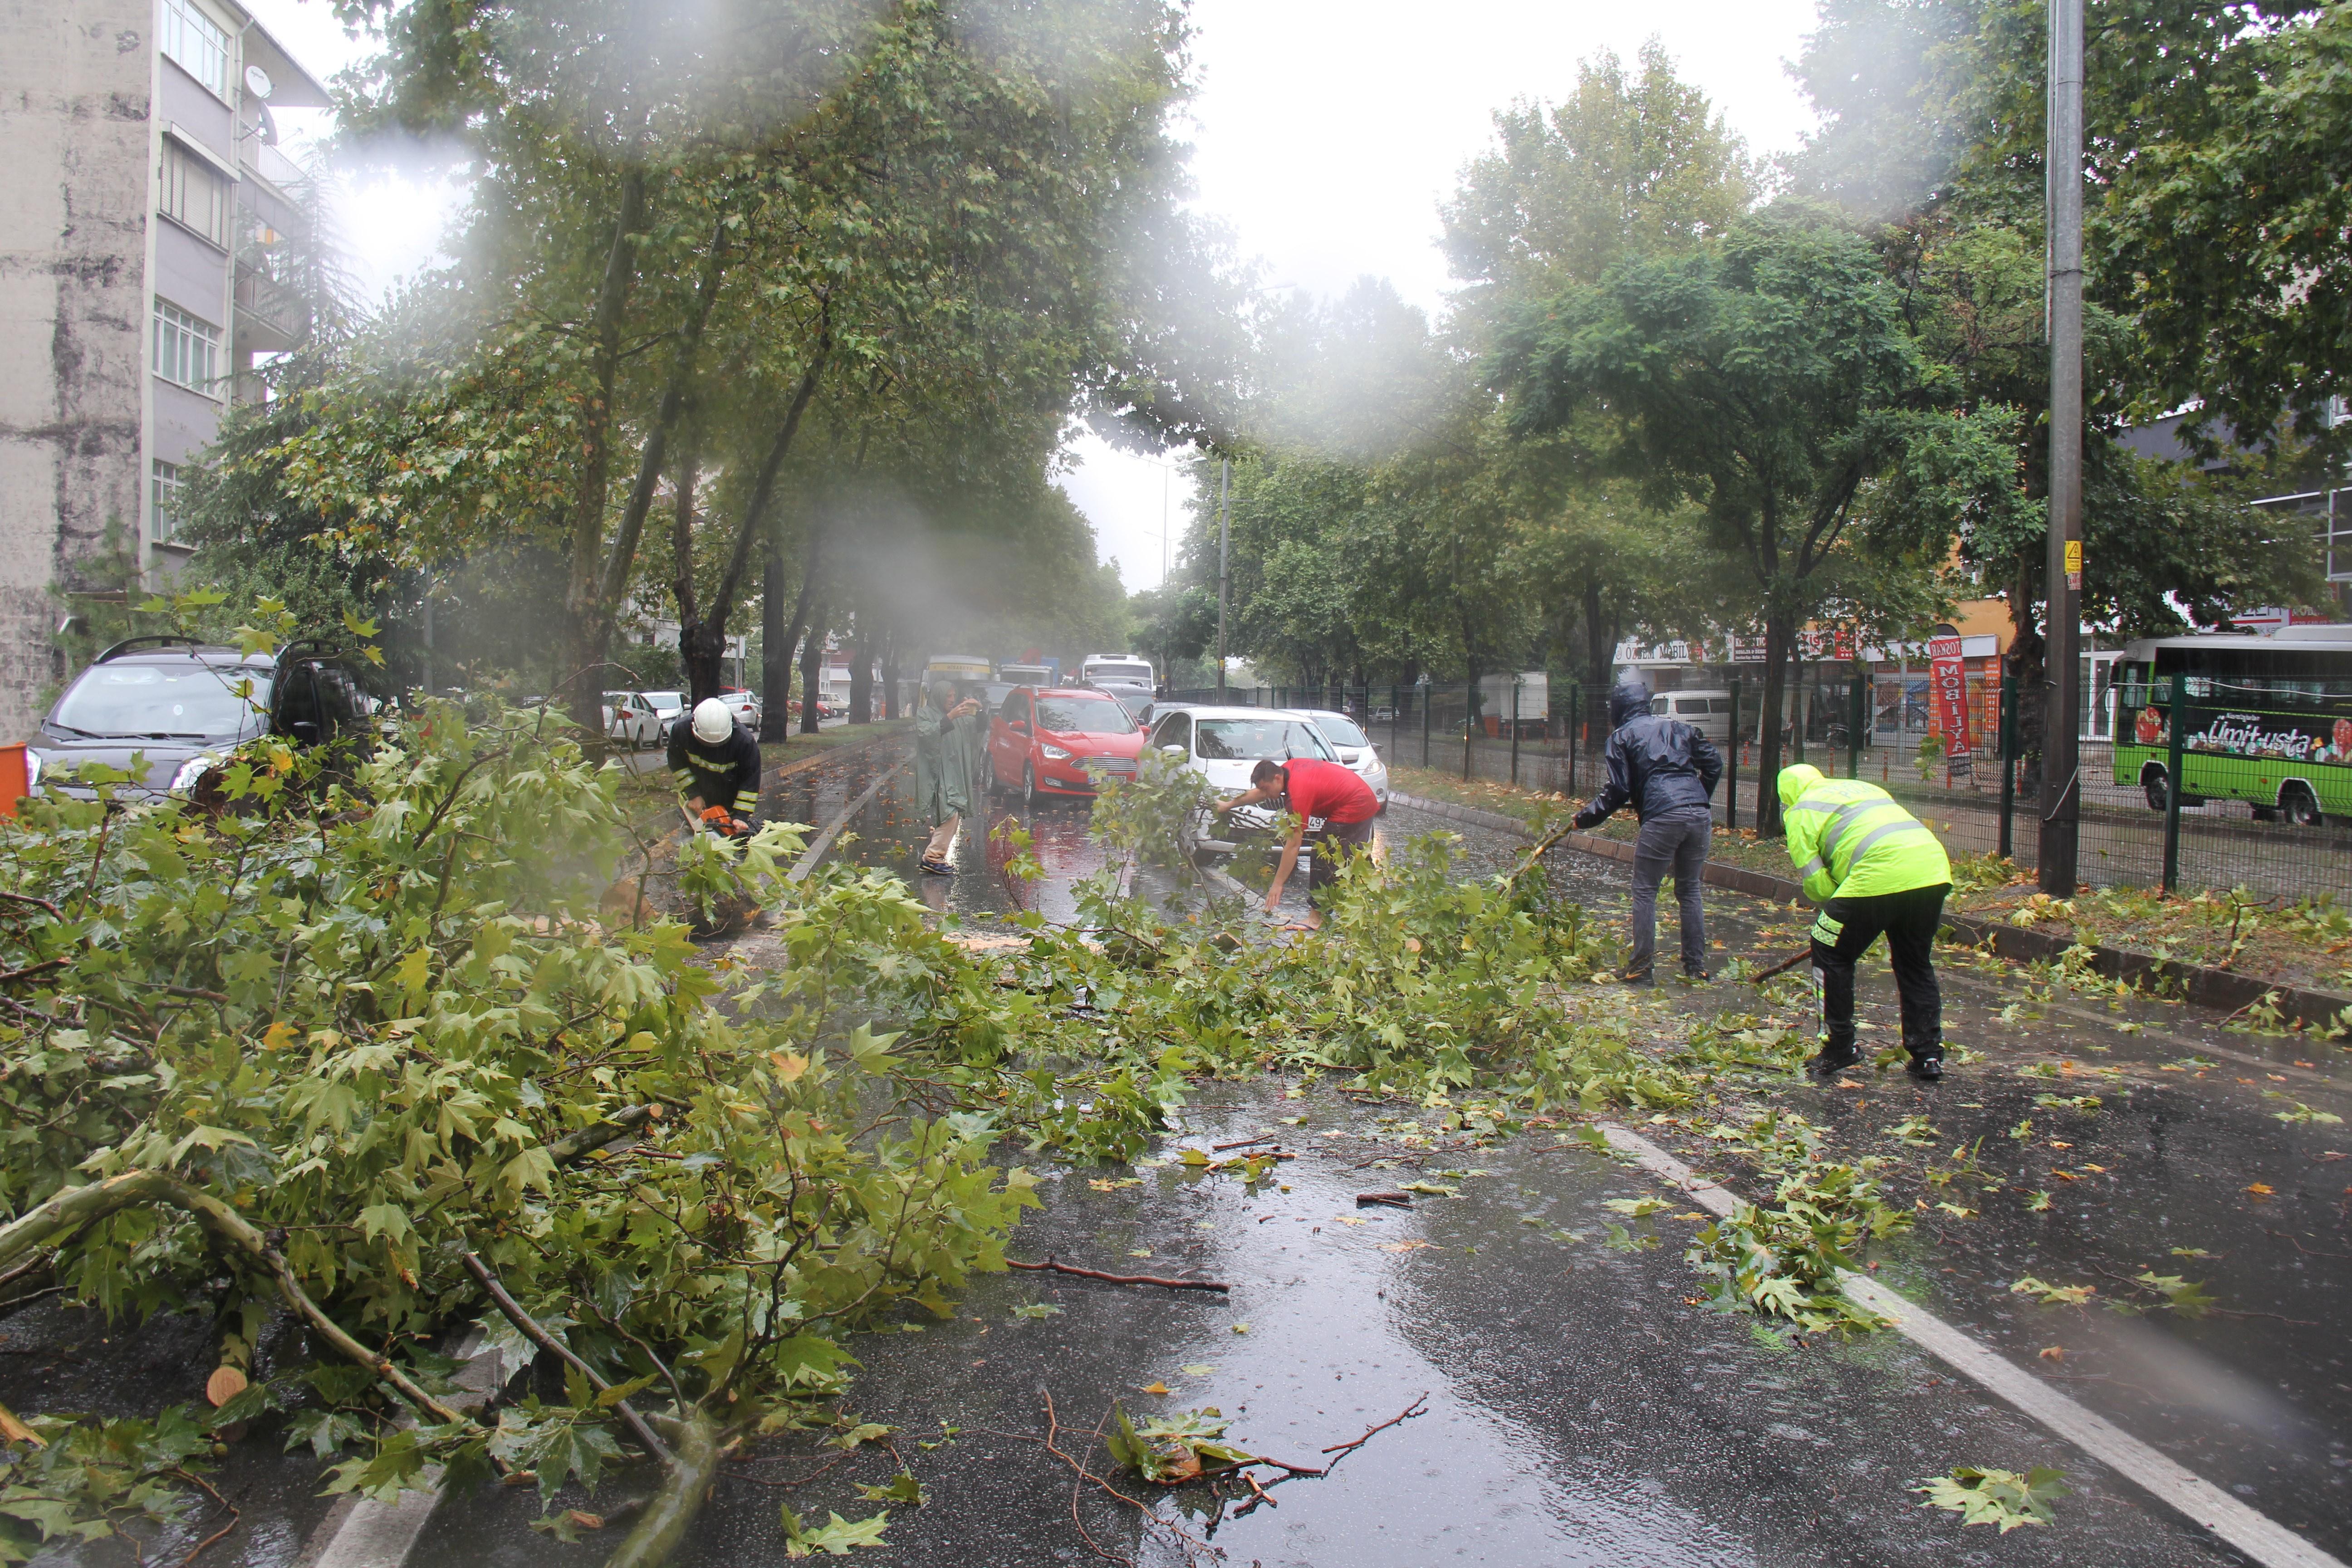 Kocaeli'de sağanak yağış etkili oldu